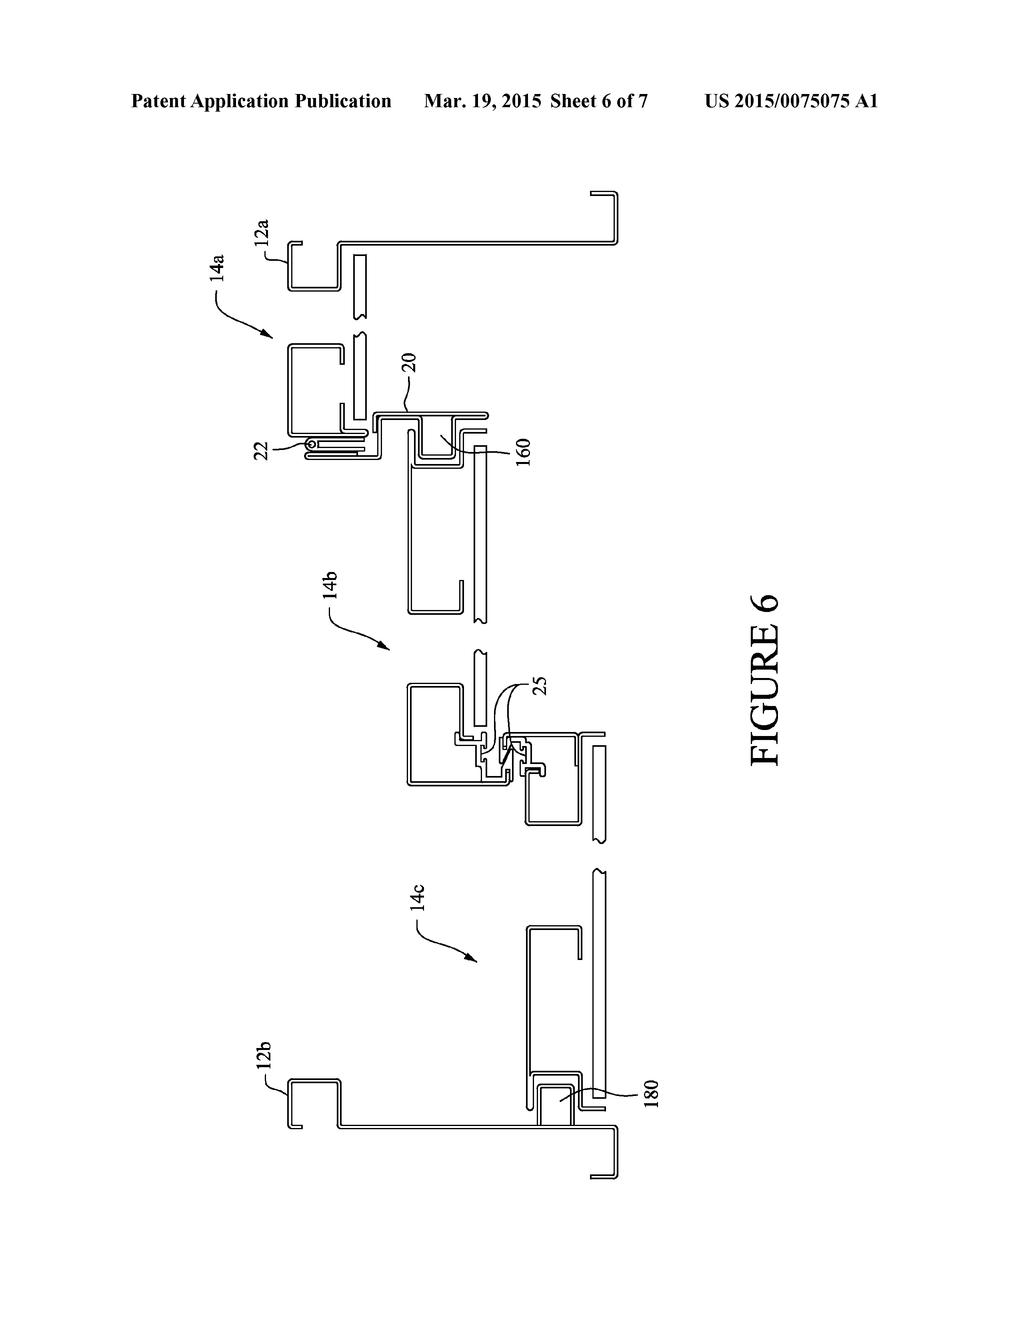 hight resolution of double acting patio door diagram schematic and image 07 garage door opener wiring diagram patio door schematic